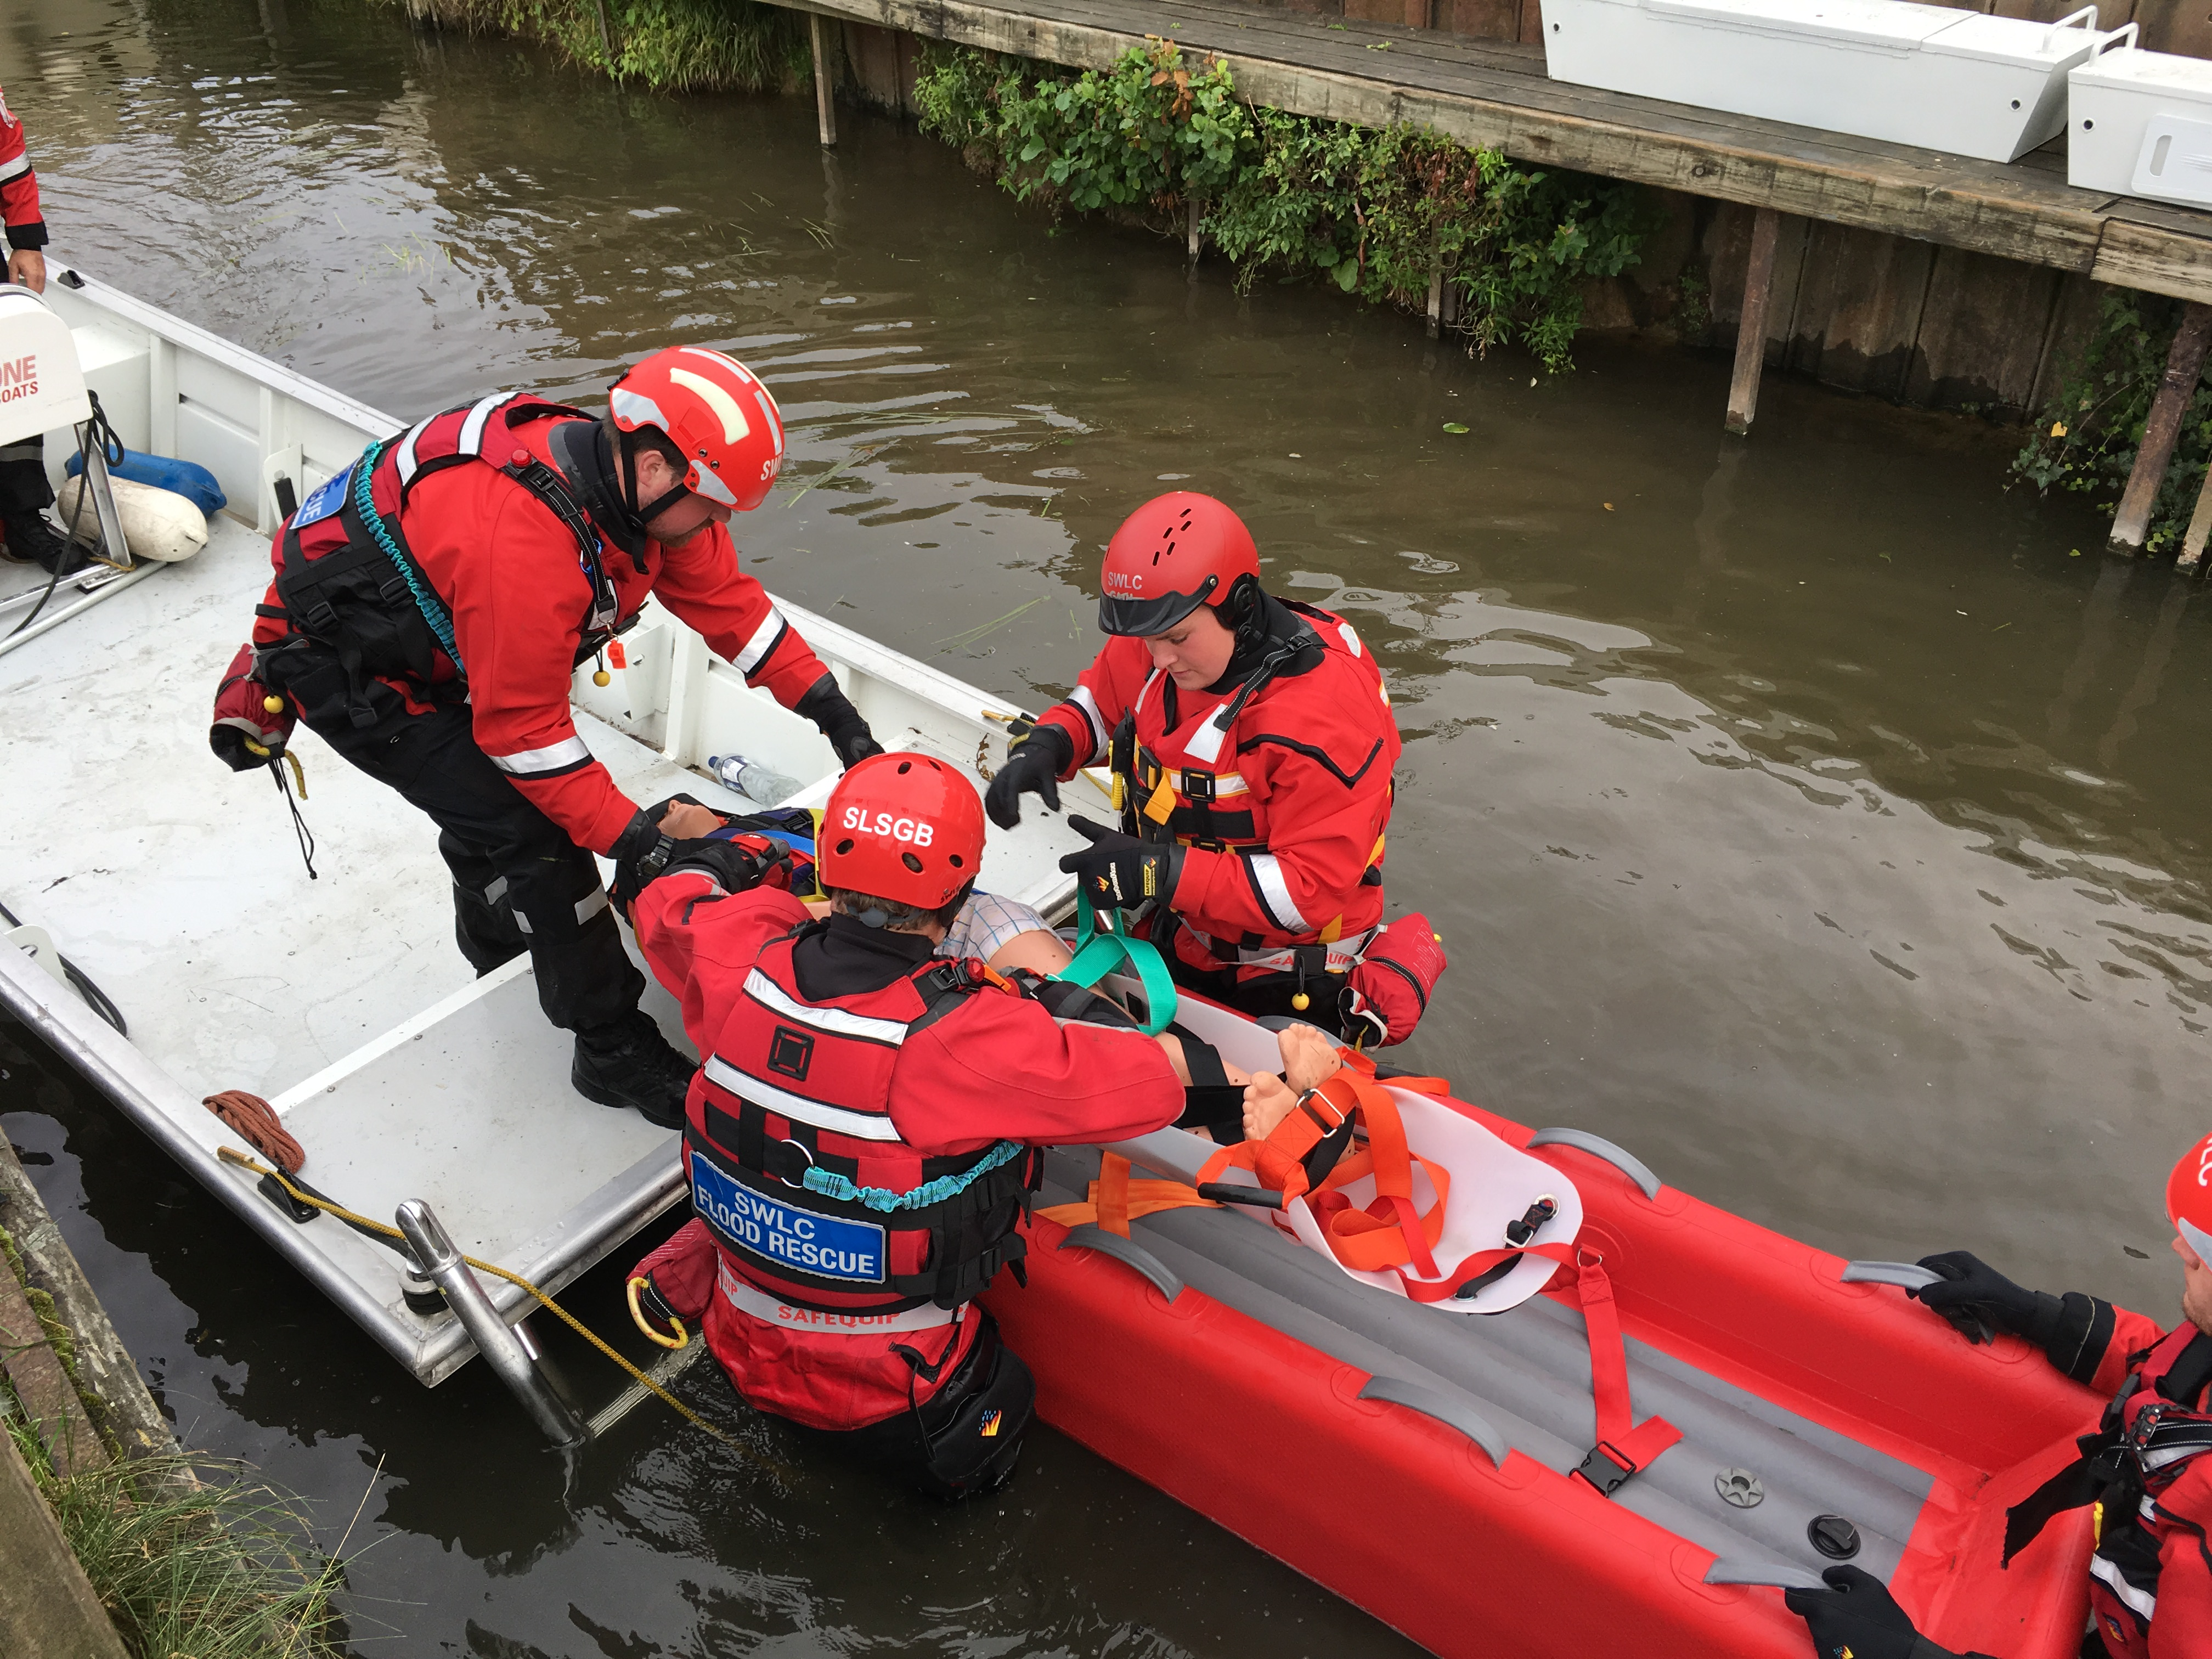 Saviour Aquatic Sled and Saviour Tac